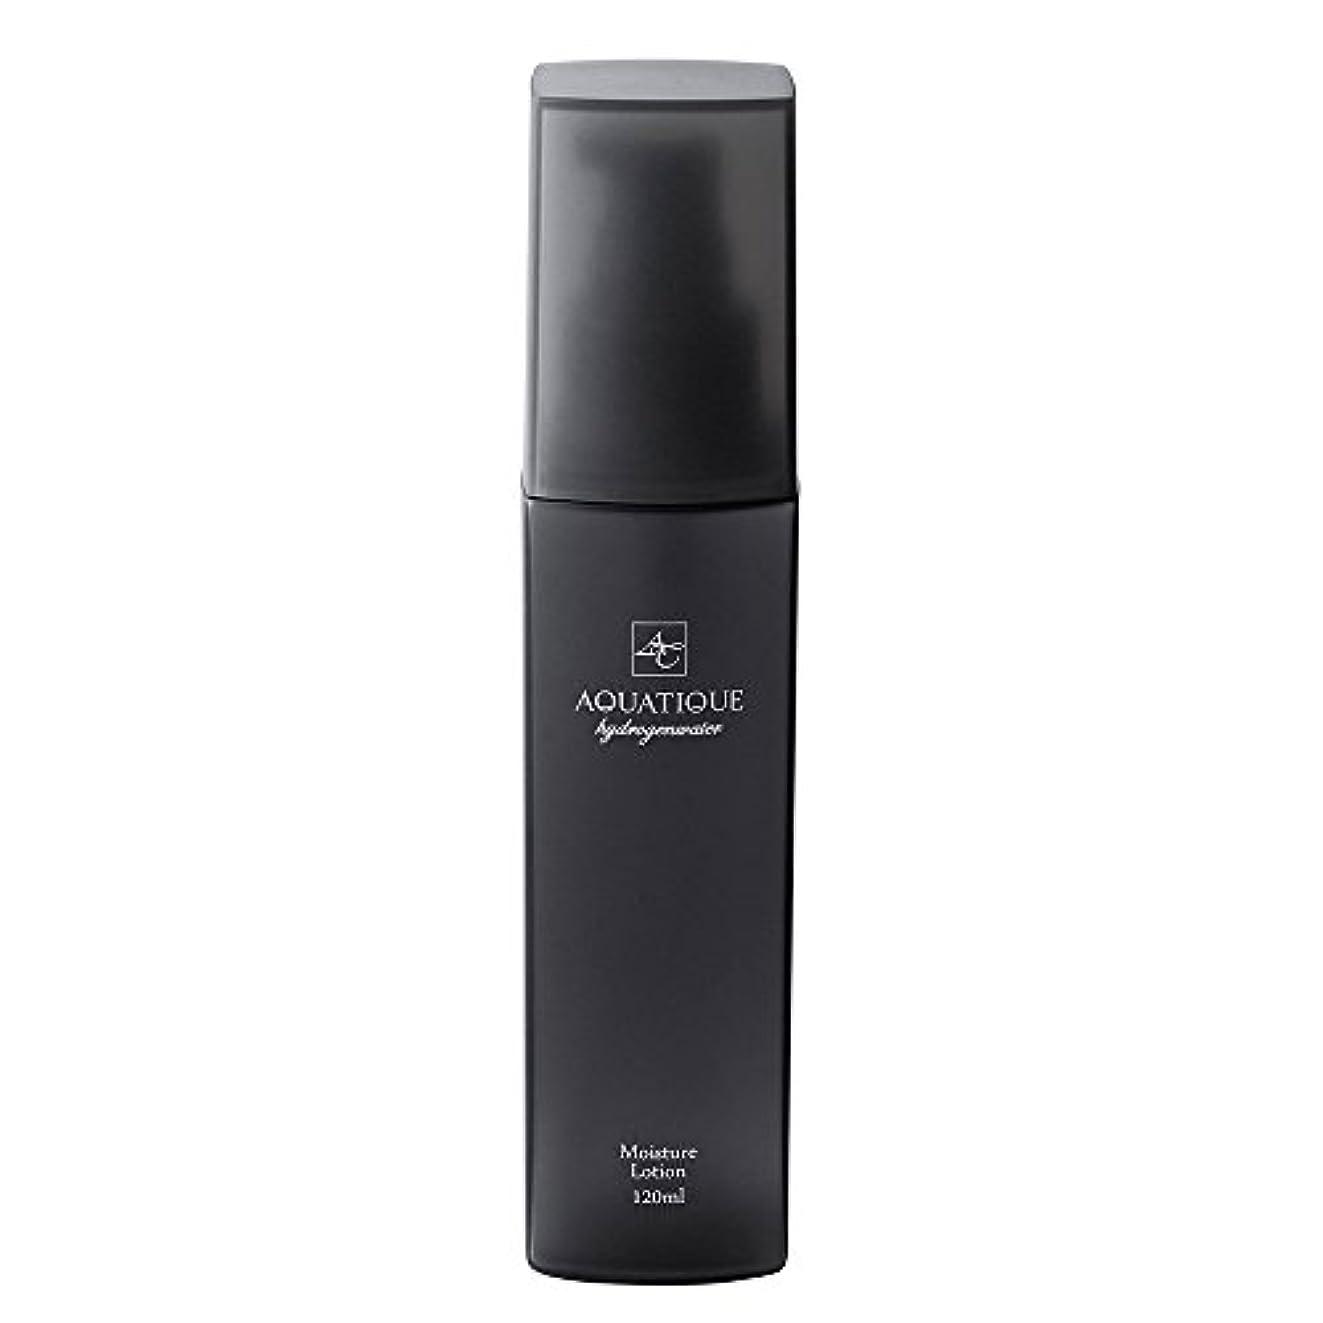 勇敢なお願いしますの頭の上水素化粧水 アクアティーク モイスチャーローション 120ml (化粧水)